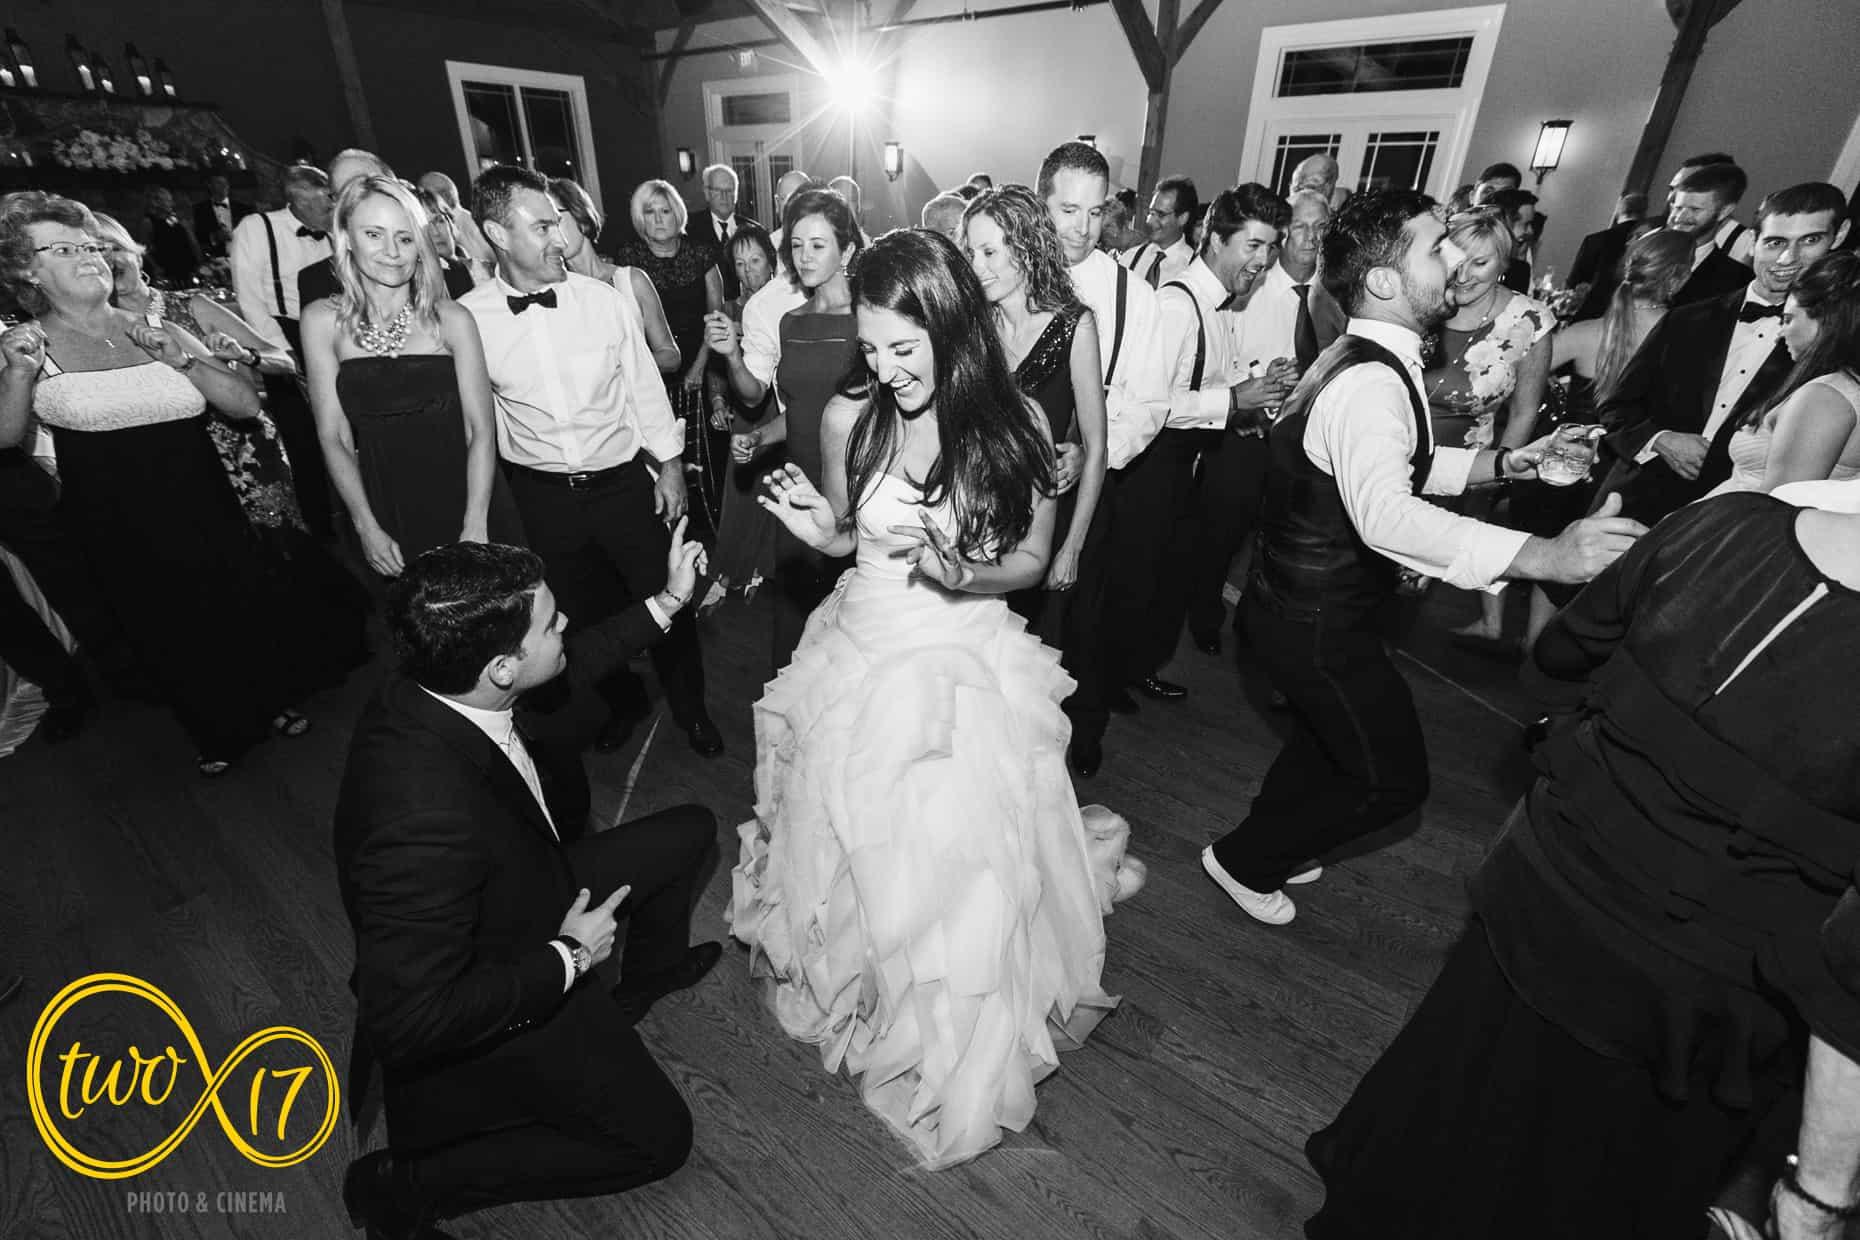 Jukeboxx Wedding Band